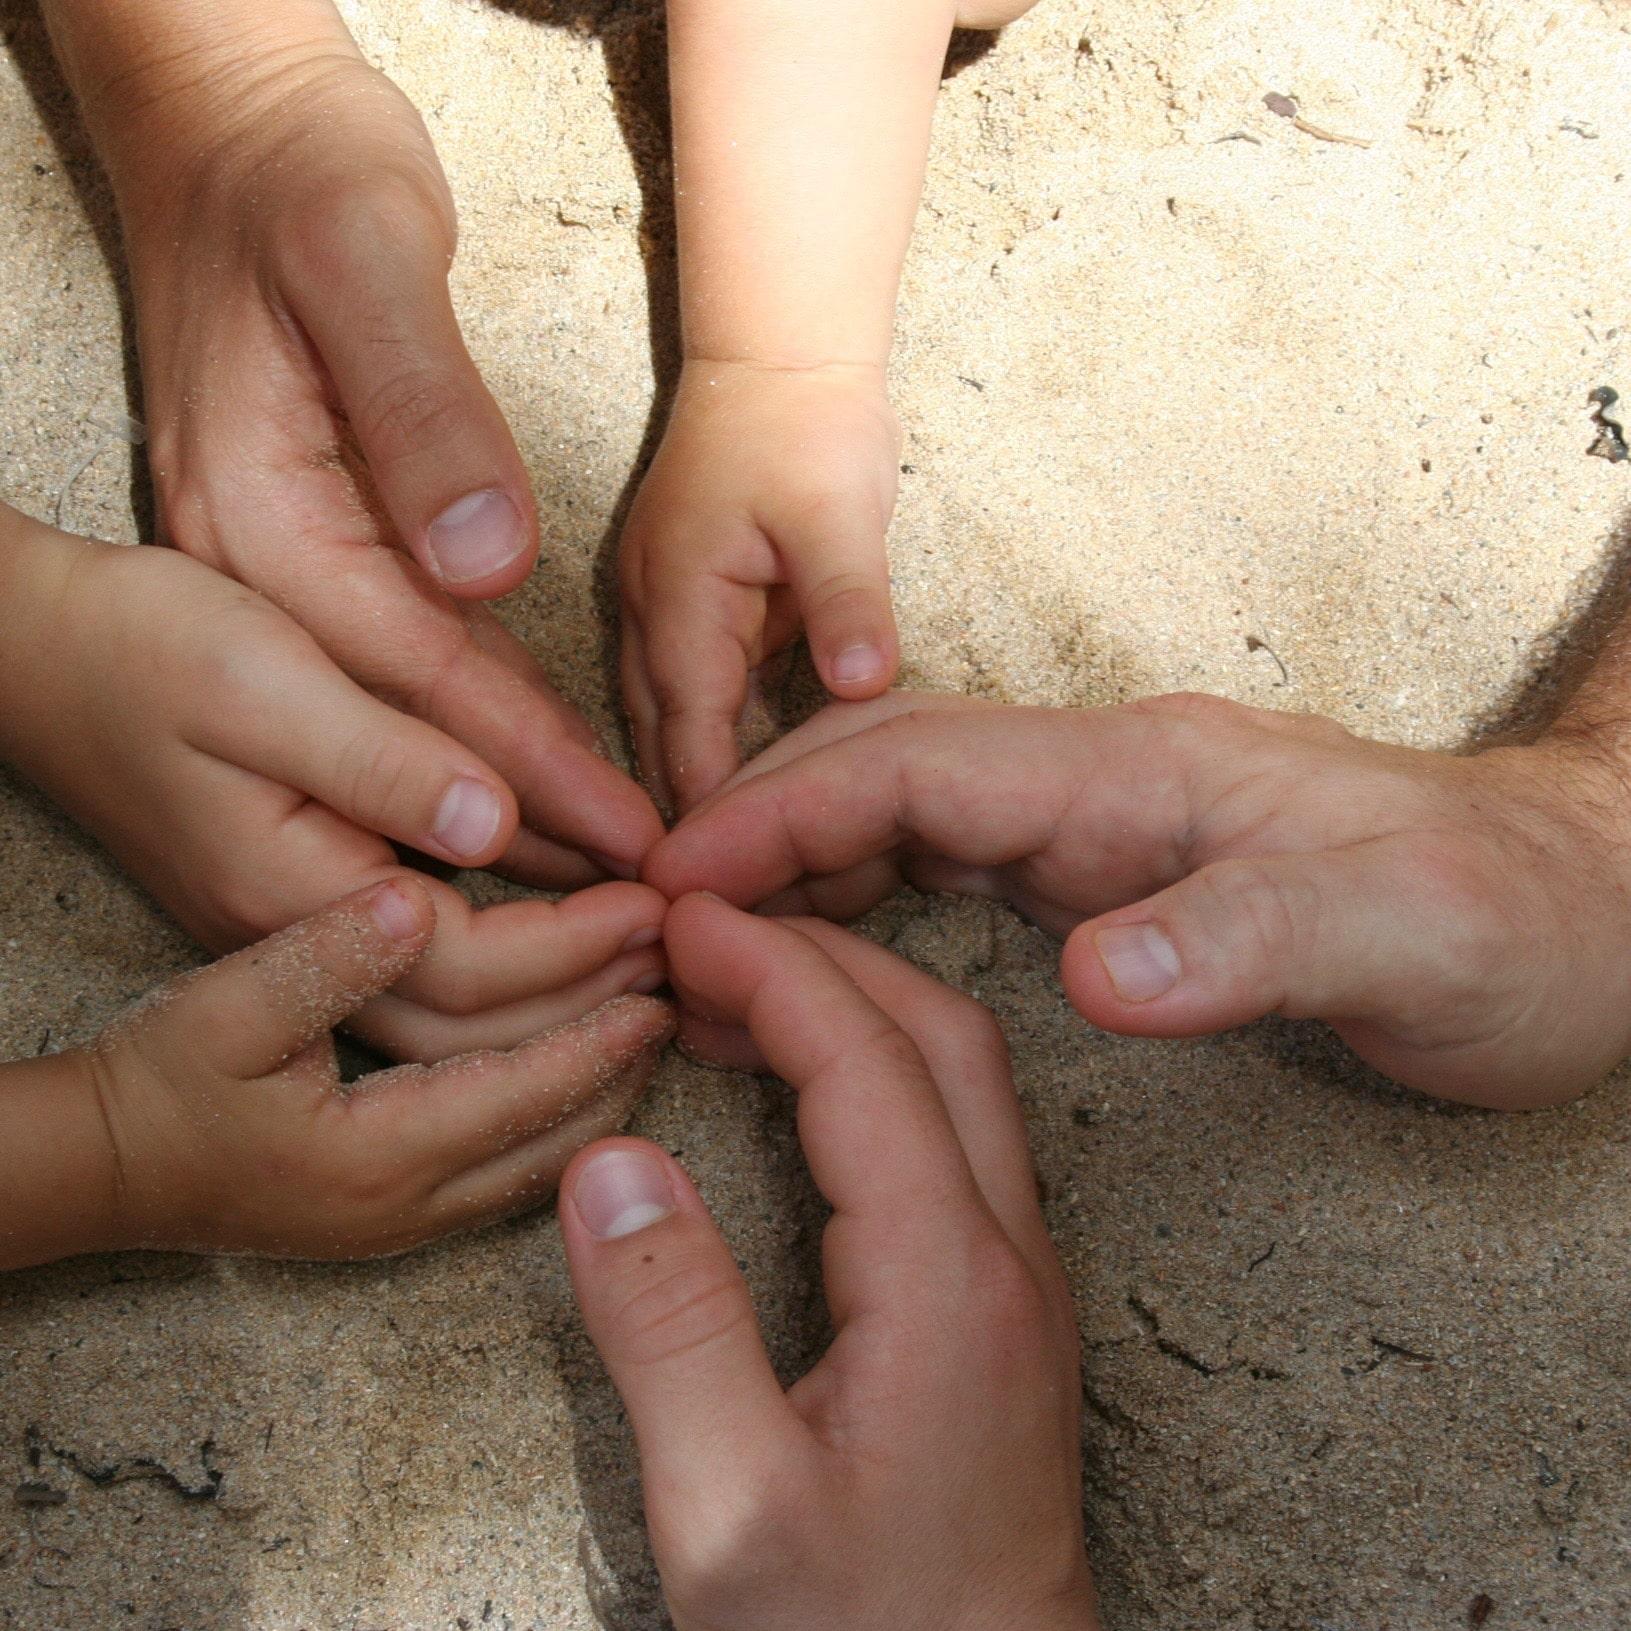 Les 6 doigts de la main